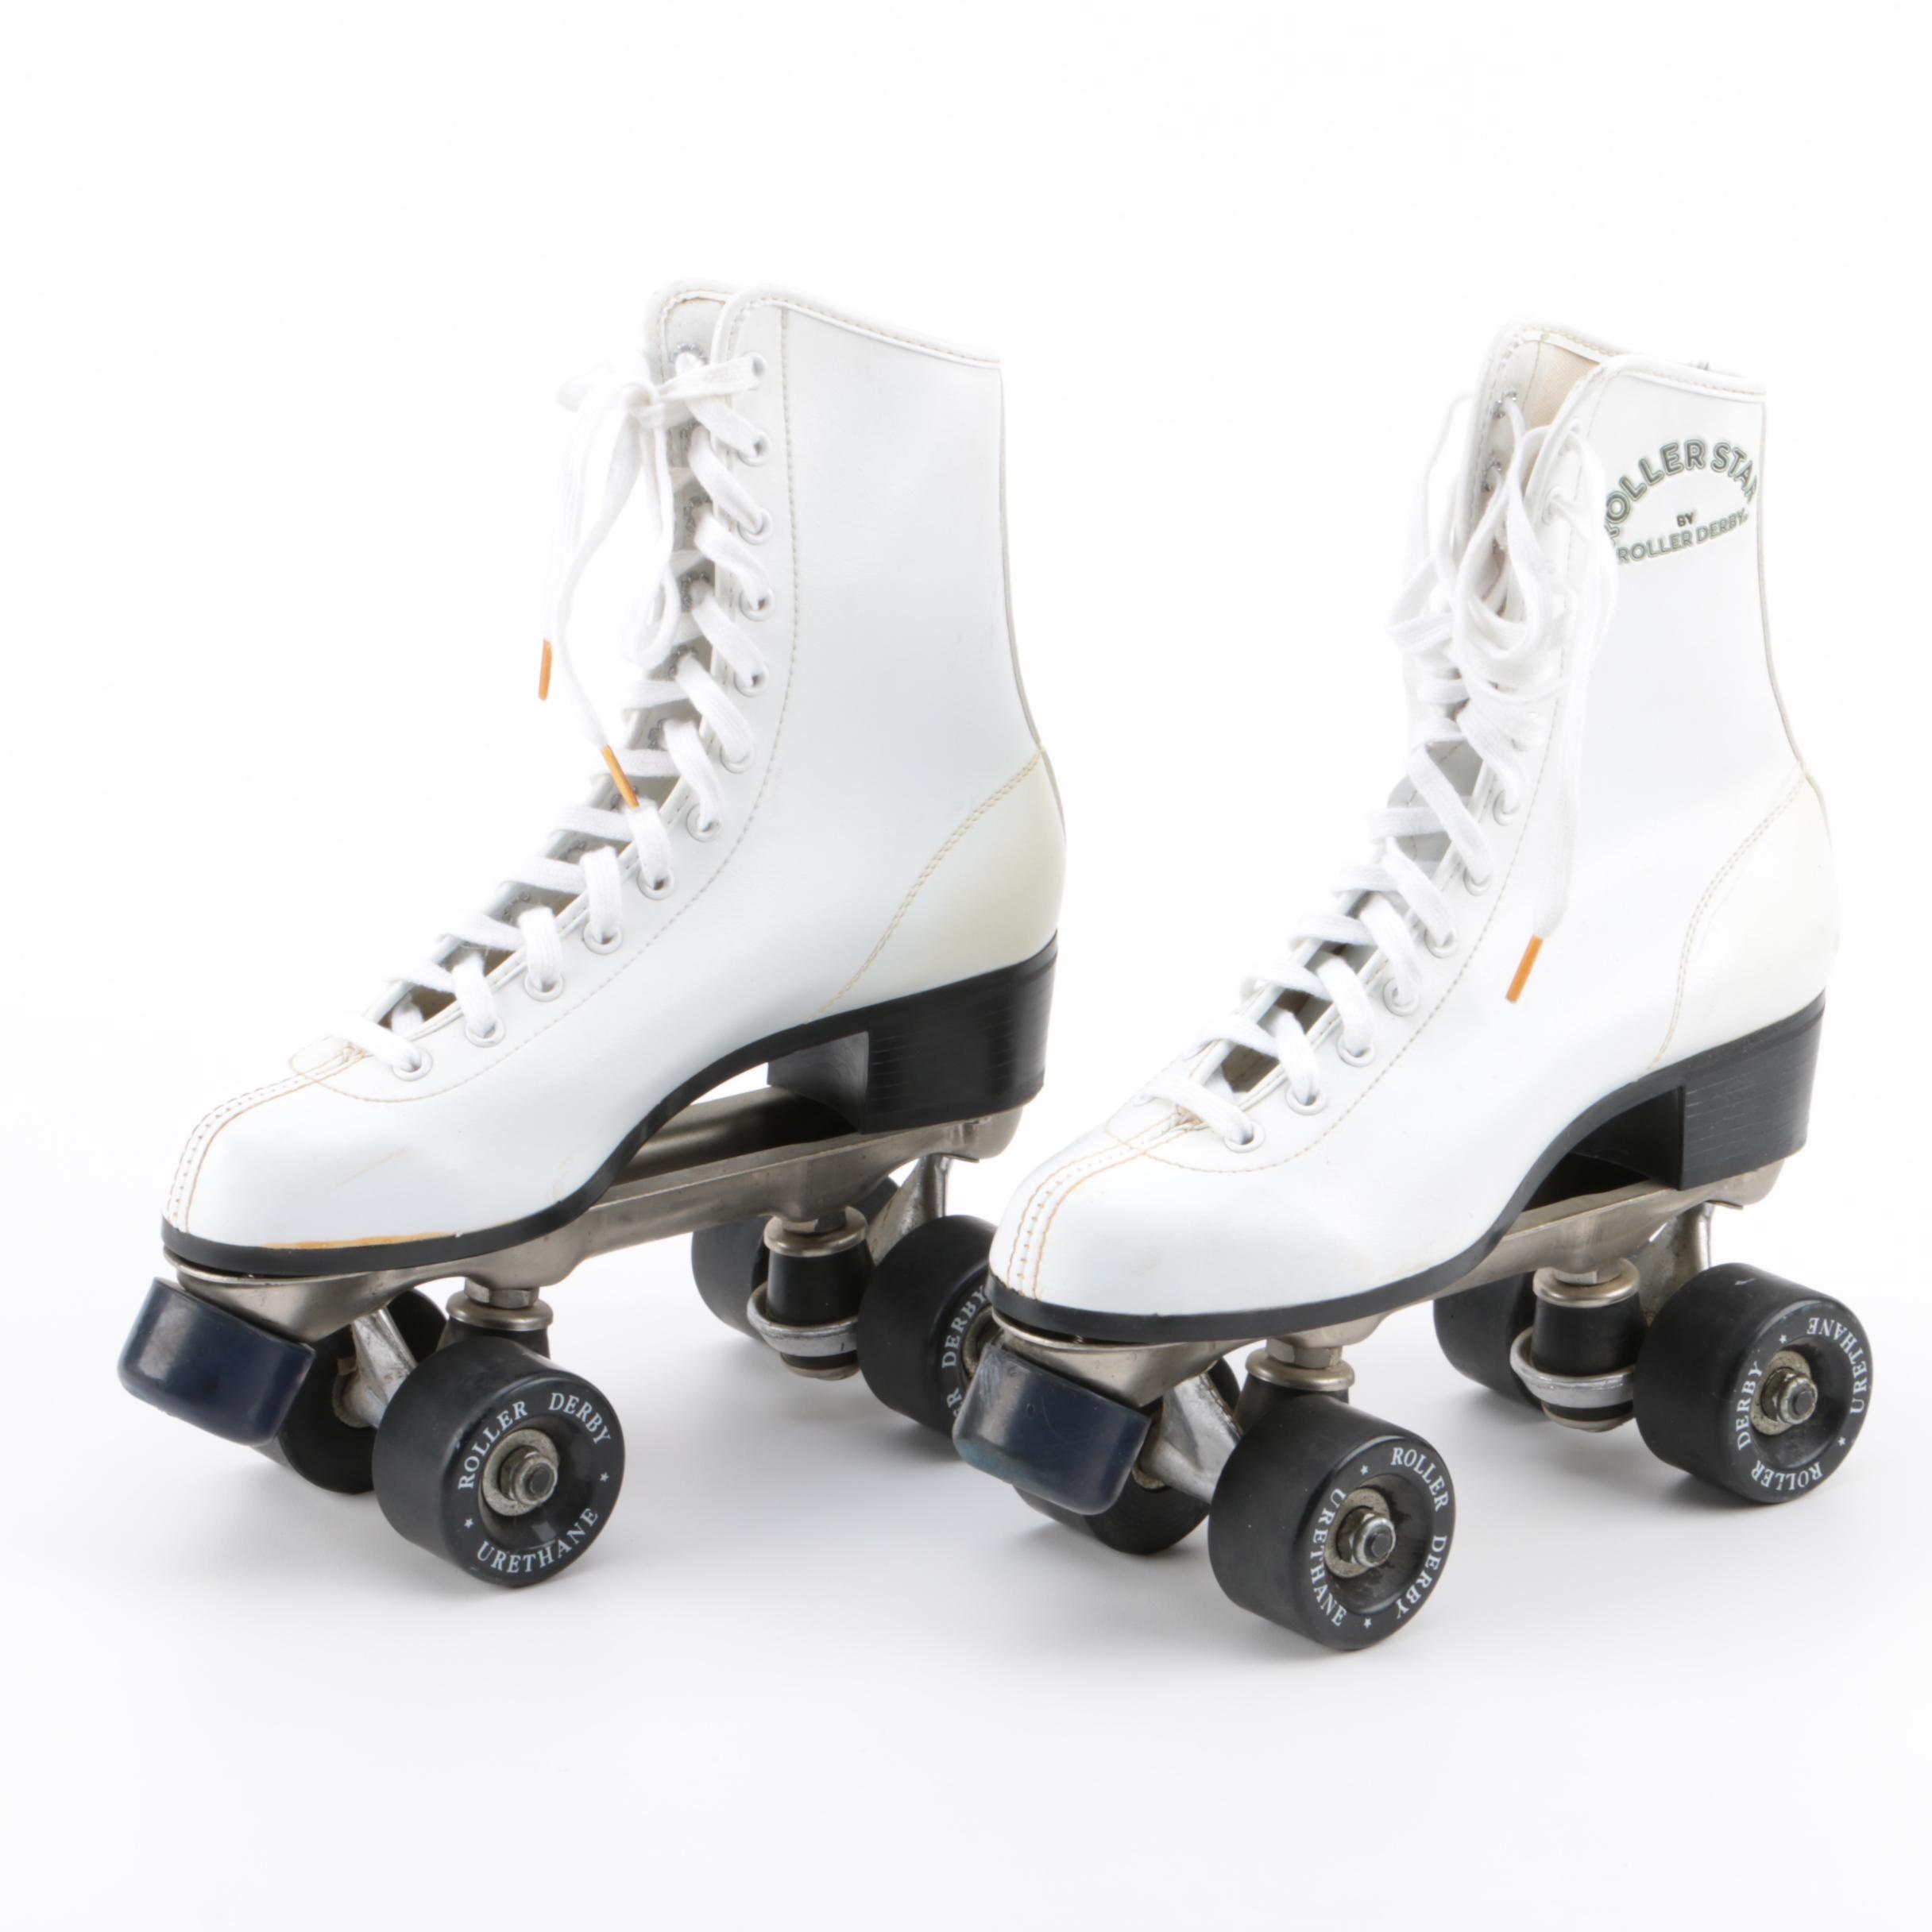 Vintage Roller Star Skates